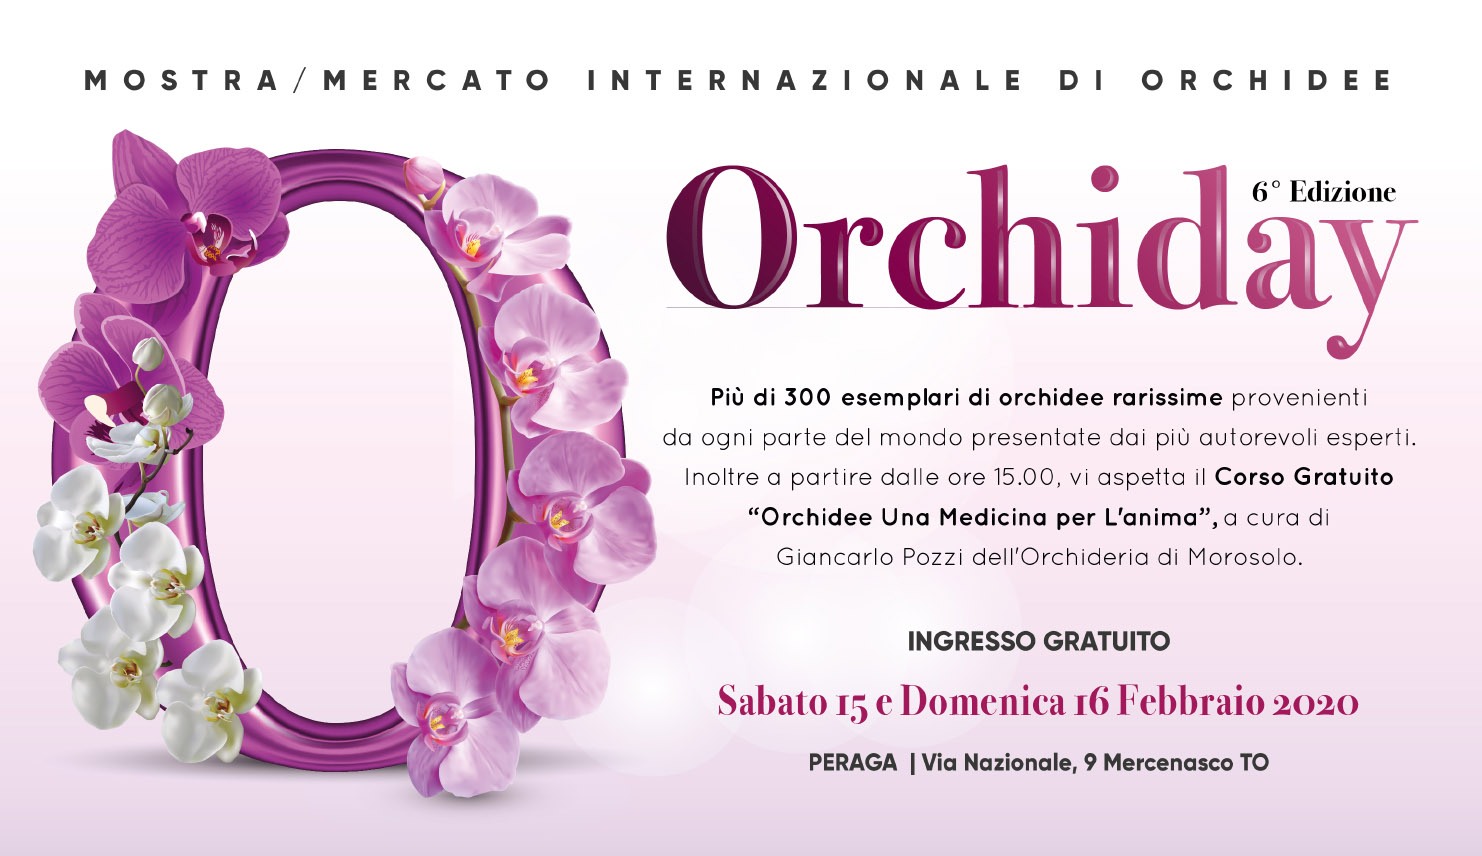 Orchiday: per un weeknd tra più di 300 esemplari di orchidee!